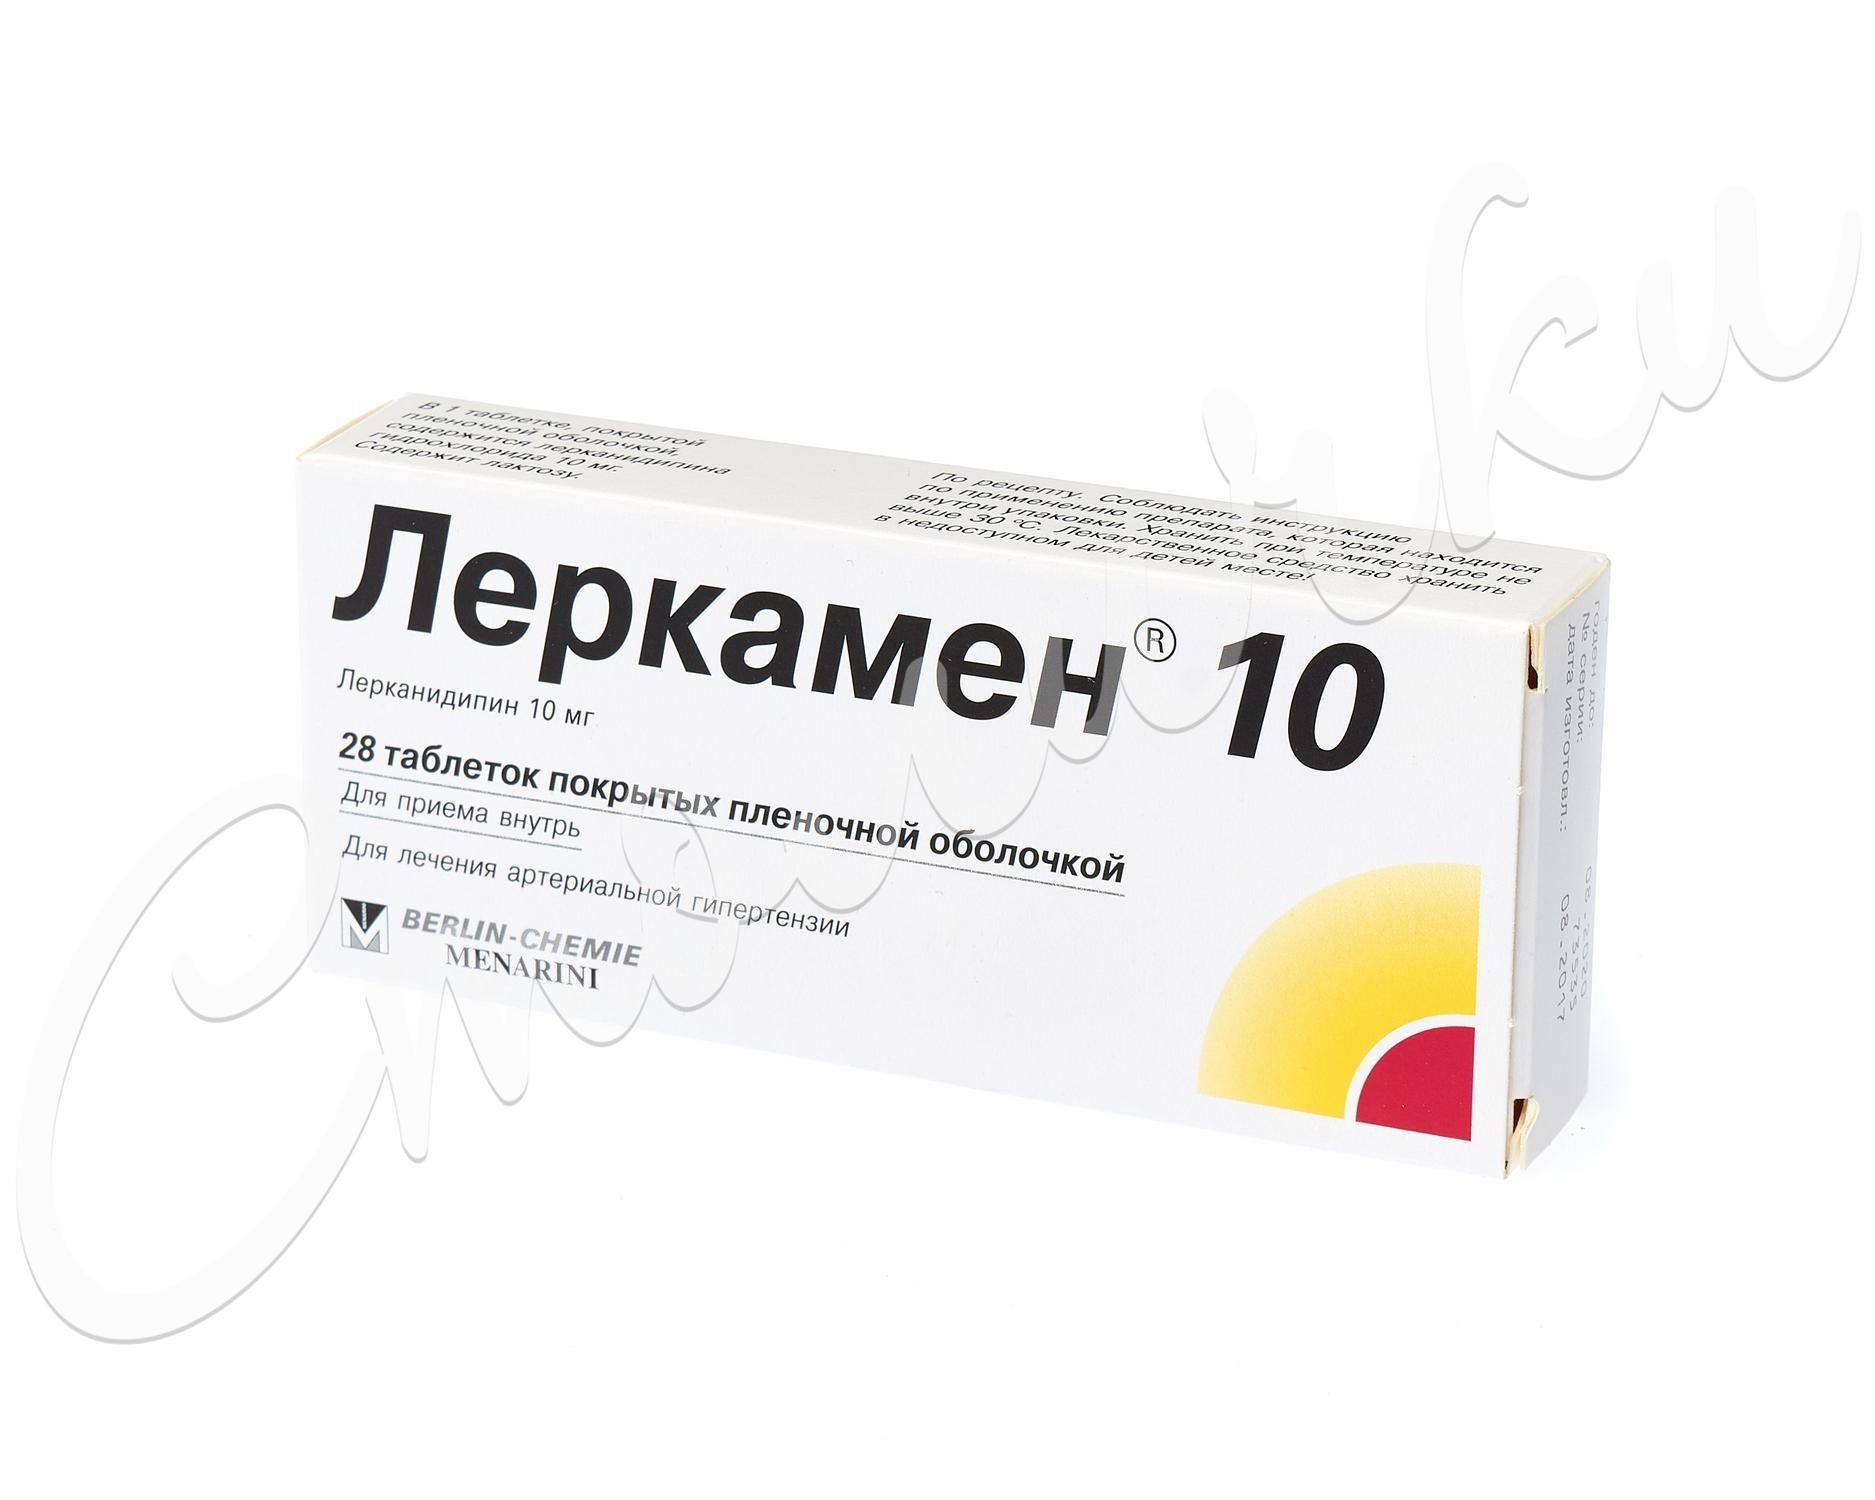 Леркамен 10 мг - официальная инструкция по применению ...